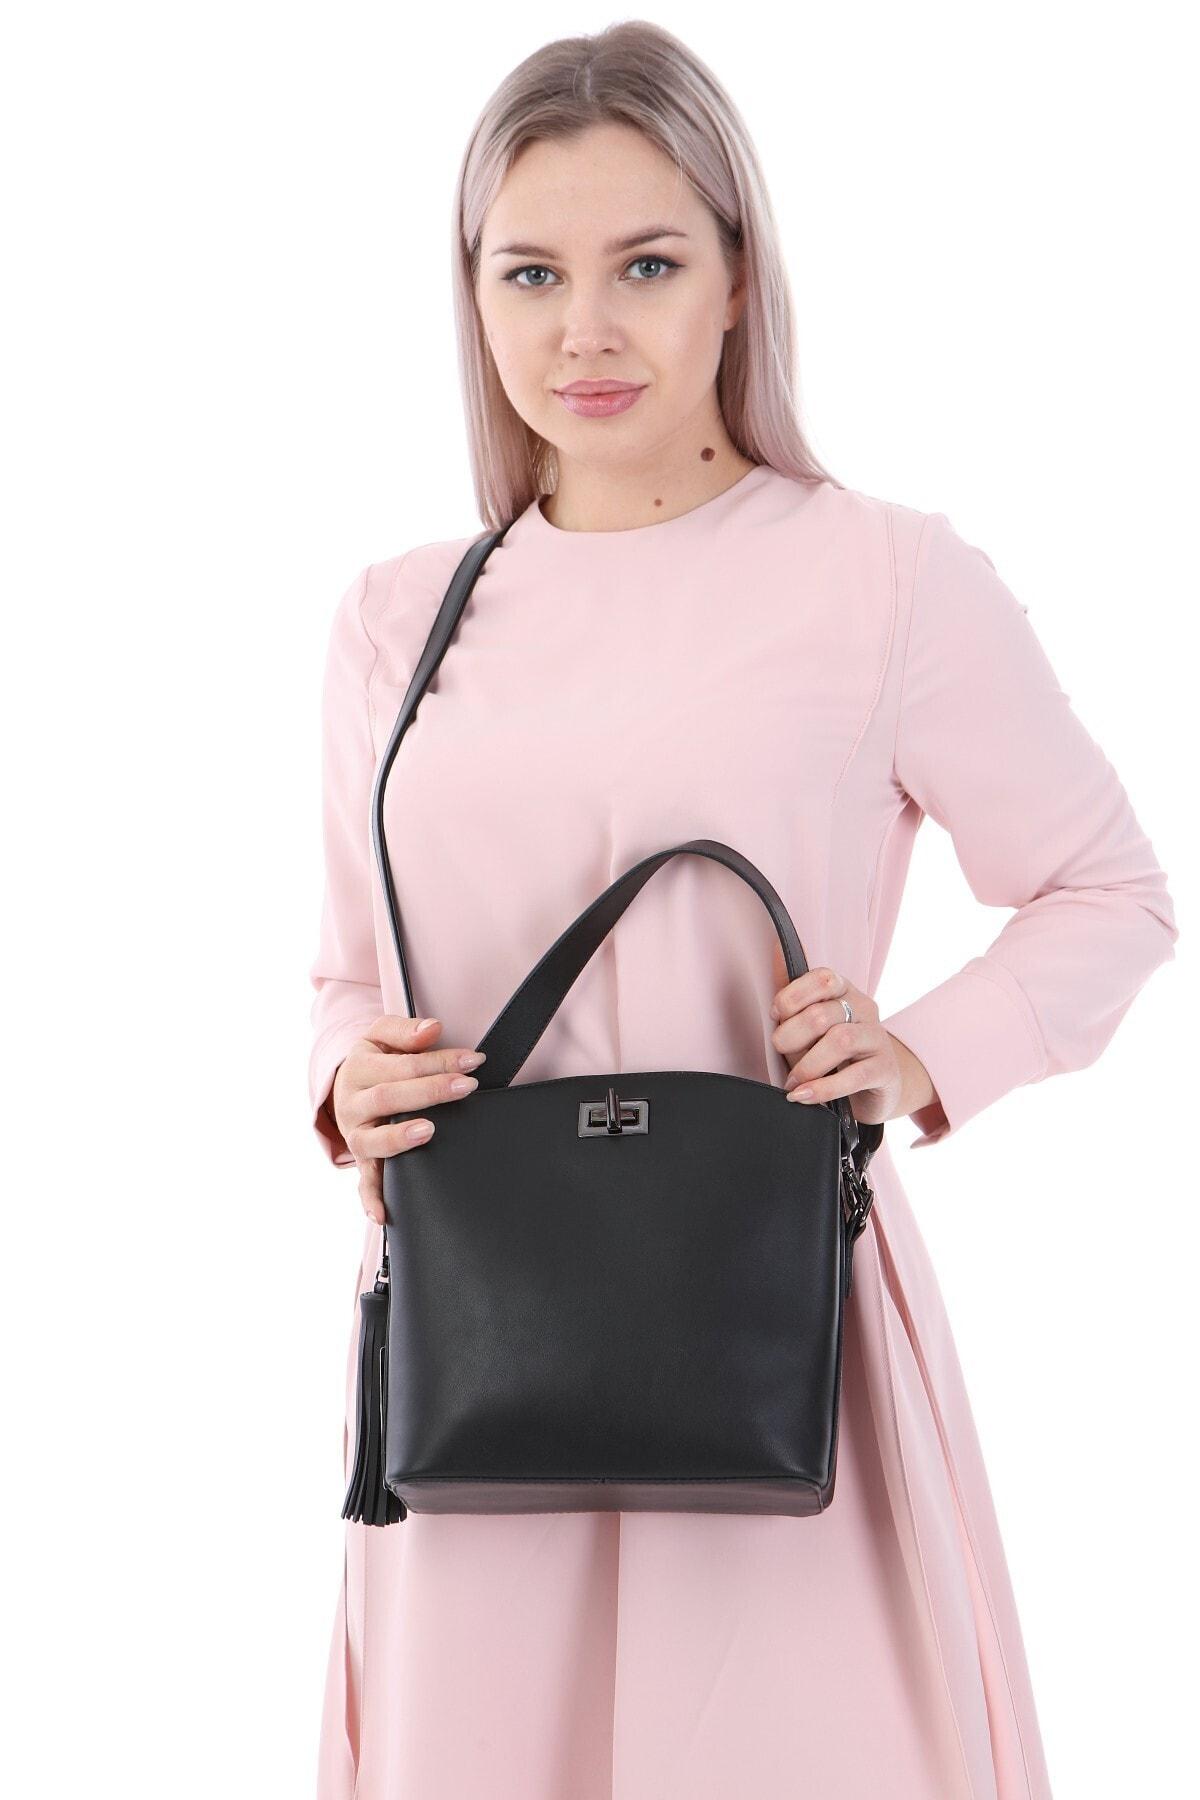 womenacs Kadın Siyah Renk Elde Ve Omuz Askılı Kullanılabilen Bol Gözlü Püskül Aksesuarlı Çanta 2